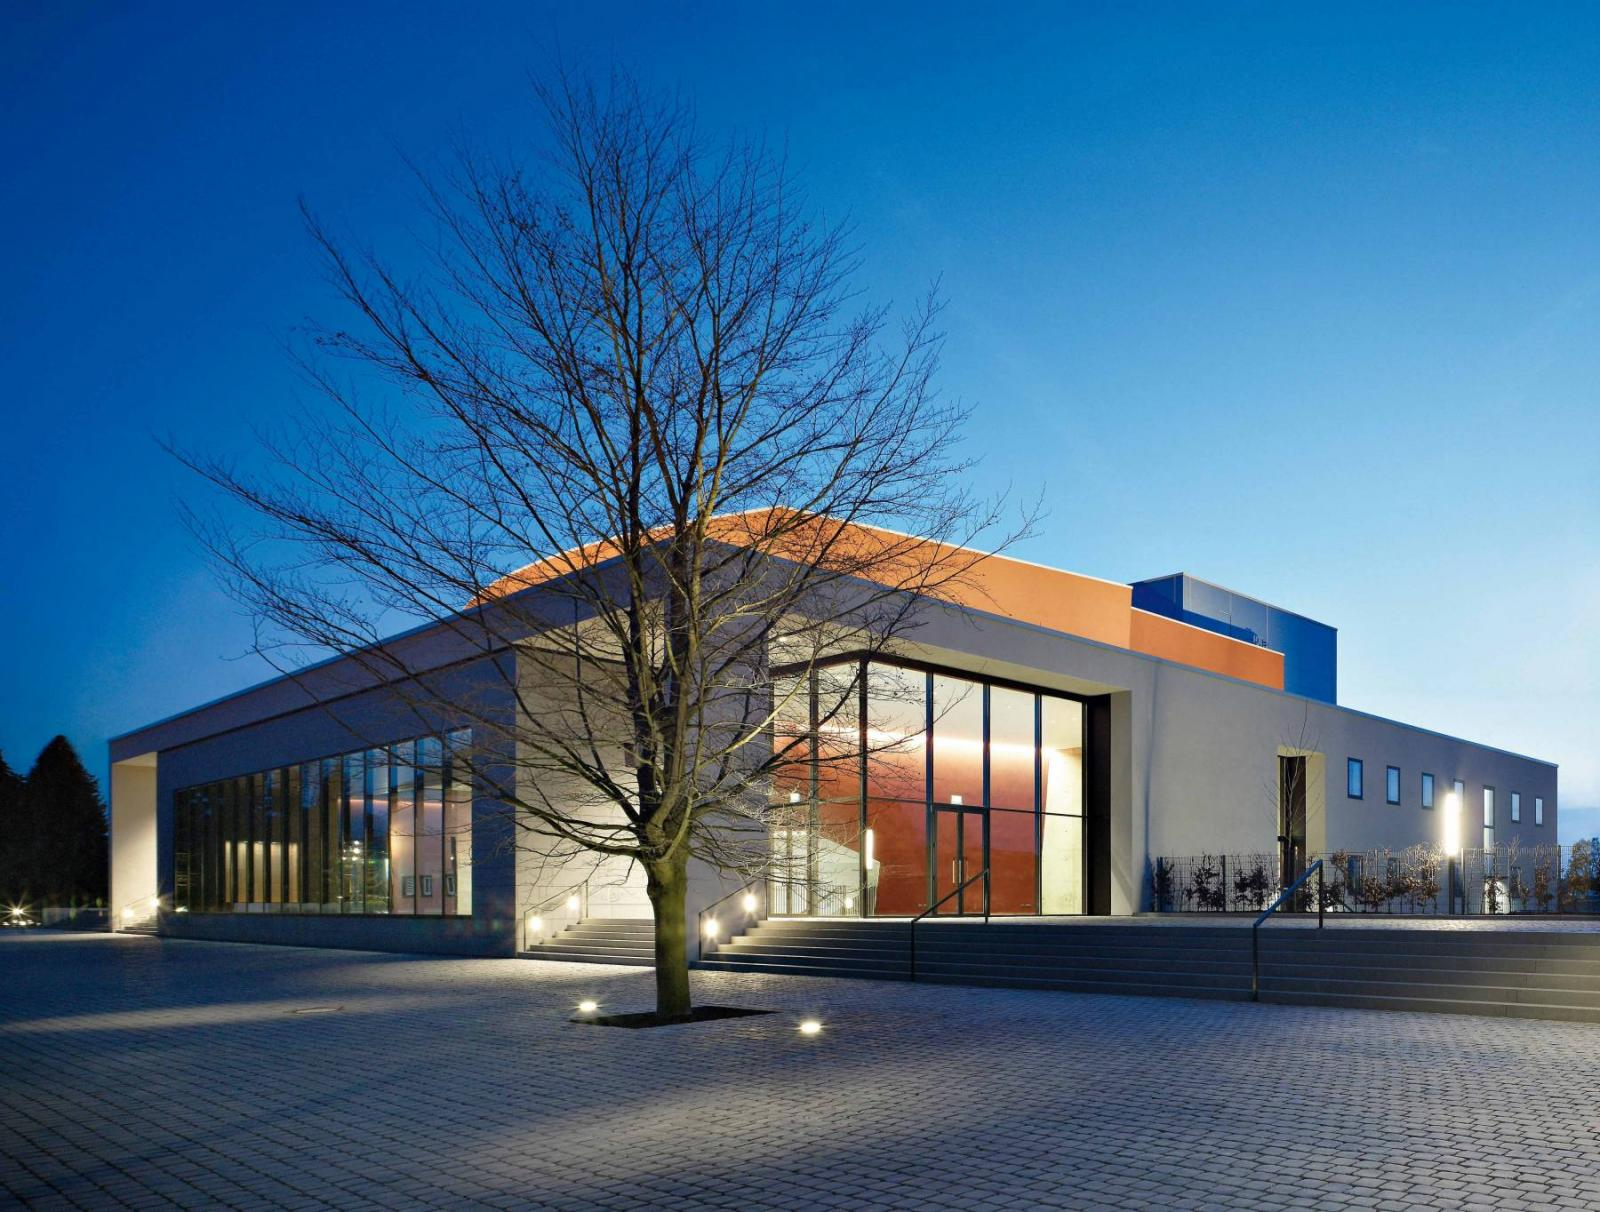 Konzert theater coesfeld coesfeld architektur baukunst nrw - Ernsting architekt ...